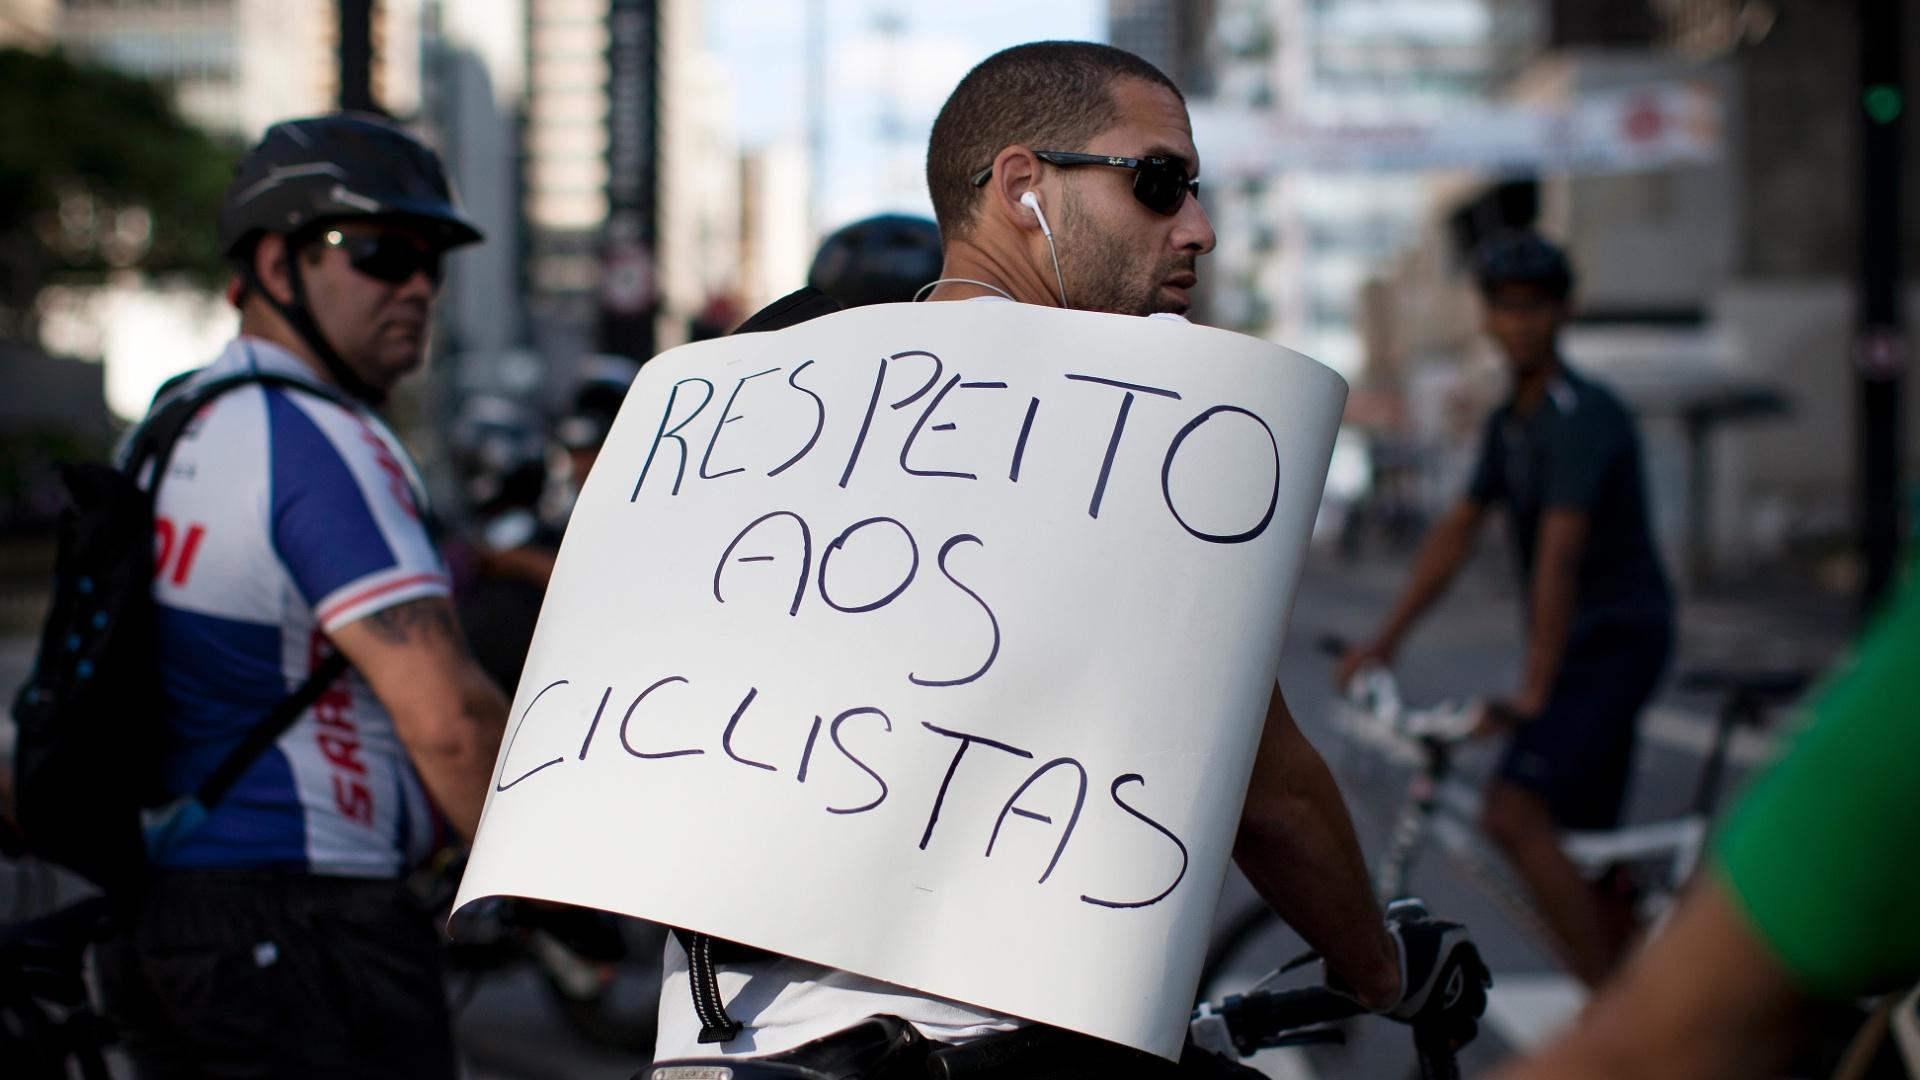 10mar2013---ciclistas-se-reunem-em-protesto-na-tarde-deste-domingo-10-na-regiao-da-avenida-paulista-na-cidade-de-sao-paulo-apos-um-homem-ter-sido-atropelado-no-periodo-da-manha-a-vitima-teve-o-braco-136295241158